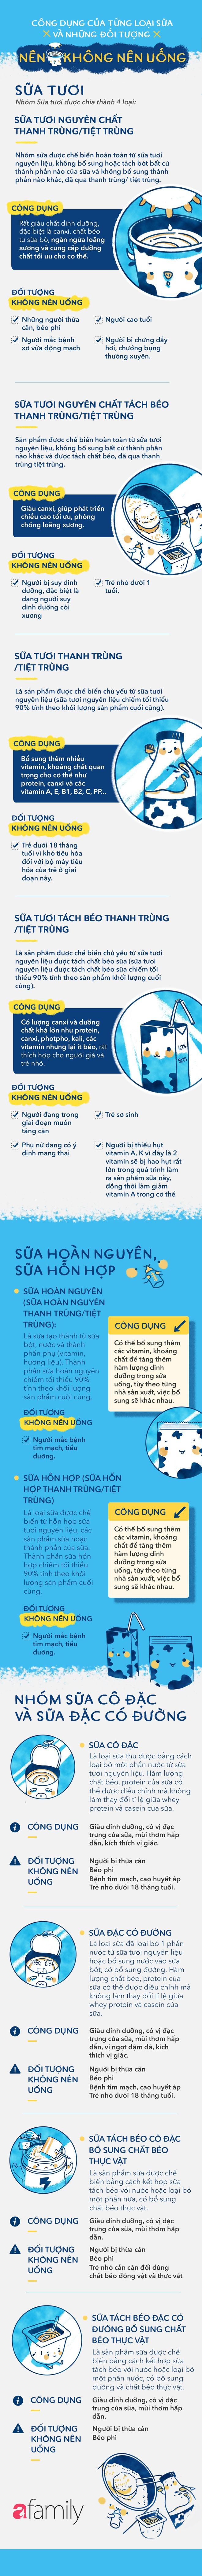 Để uống sữa thực sự có lợi cho sức khỏe, bạn nên nắm được công dụng của từng loại sữa - Ảnh 1.